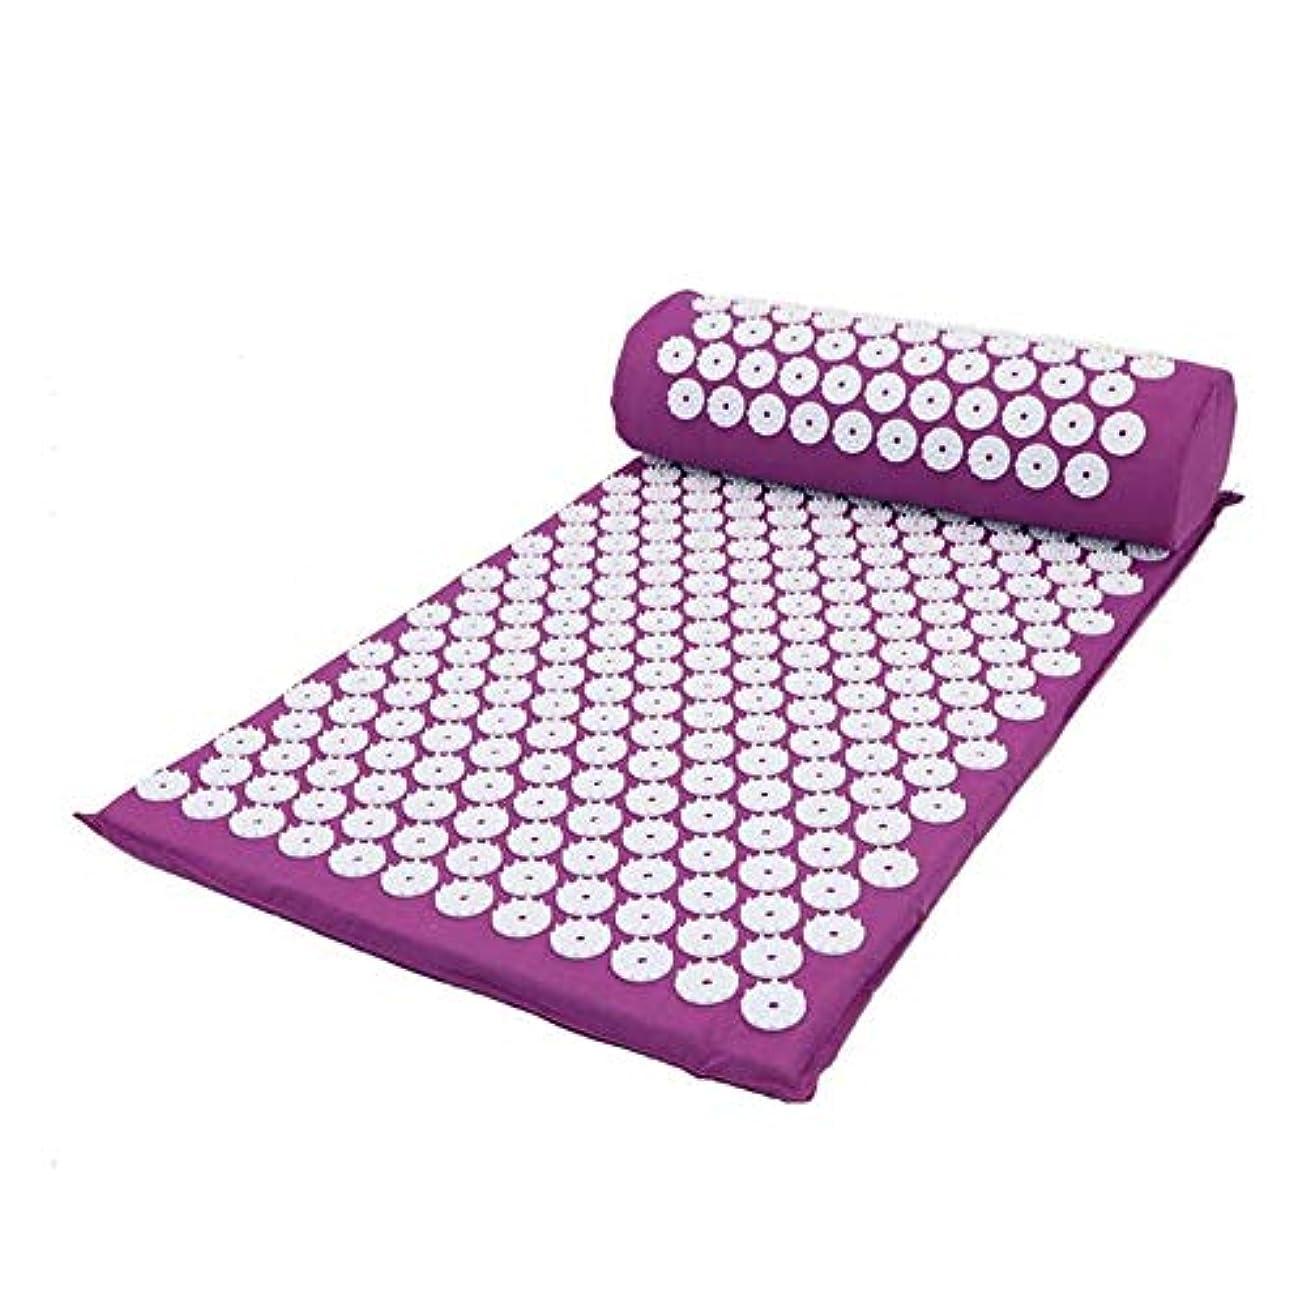 特派員元気発生するDecdeal ヨガマット マッサージクッション 指圧マット枕 折り畳み 健康 血流促進